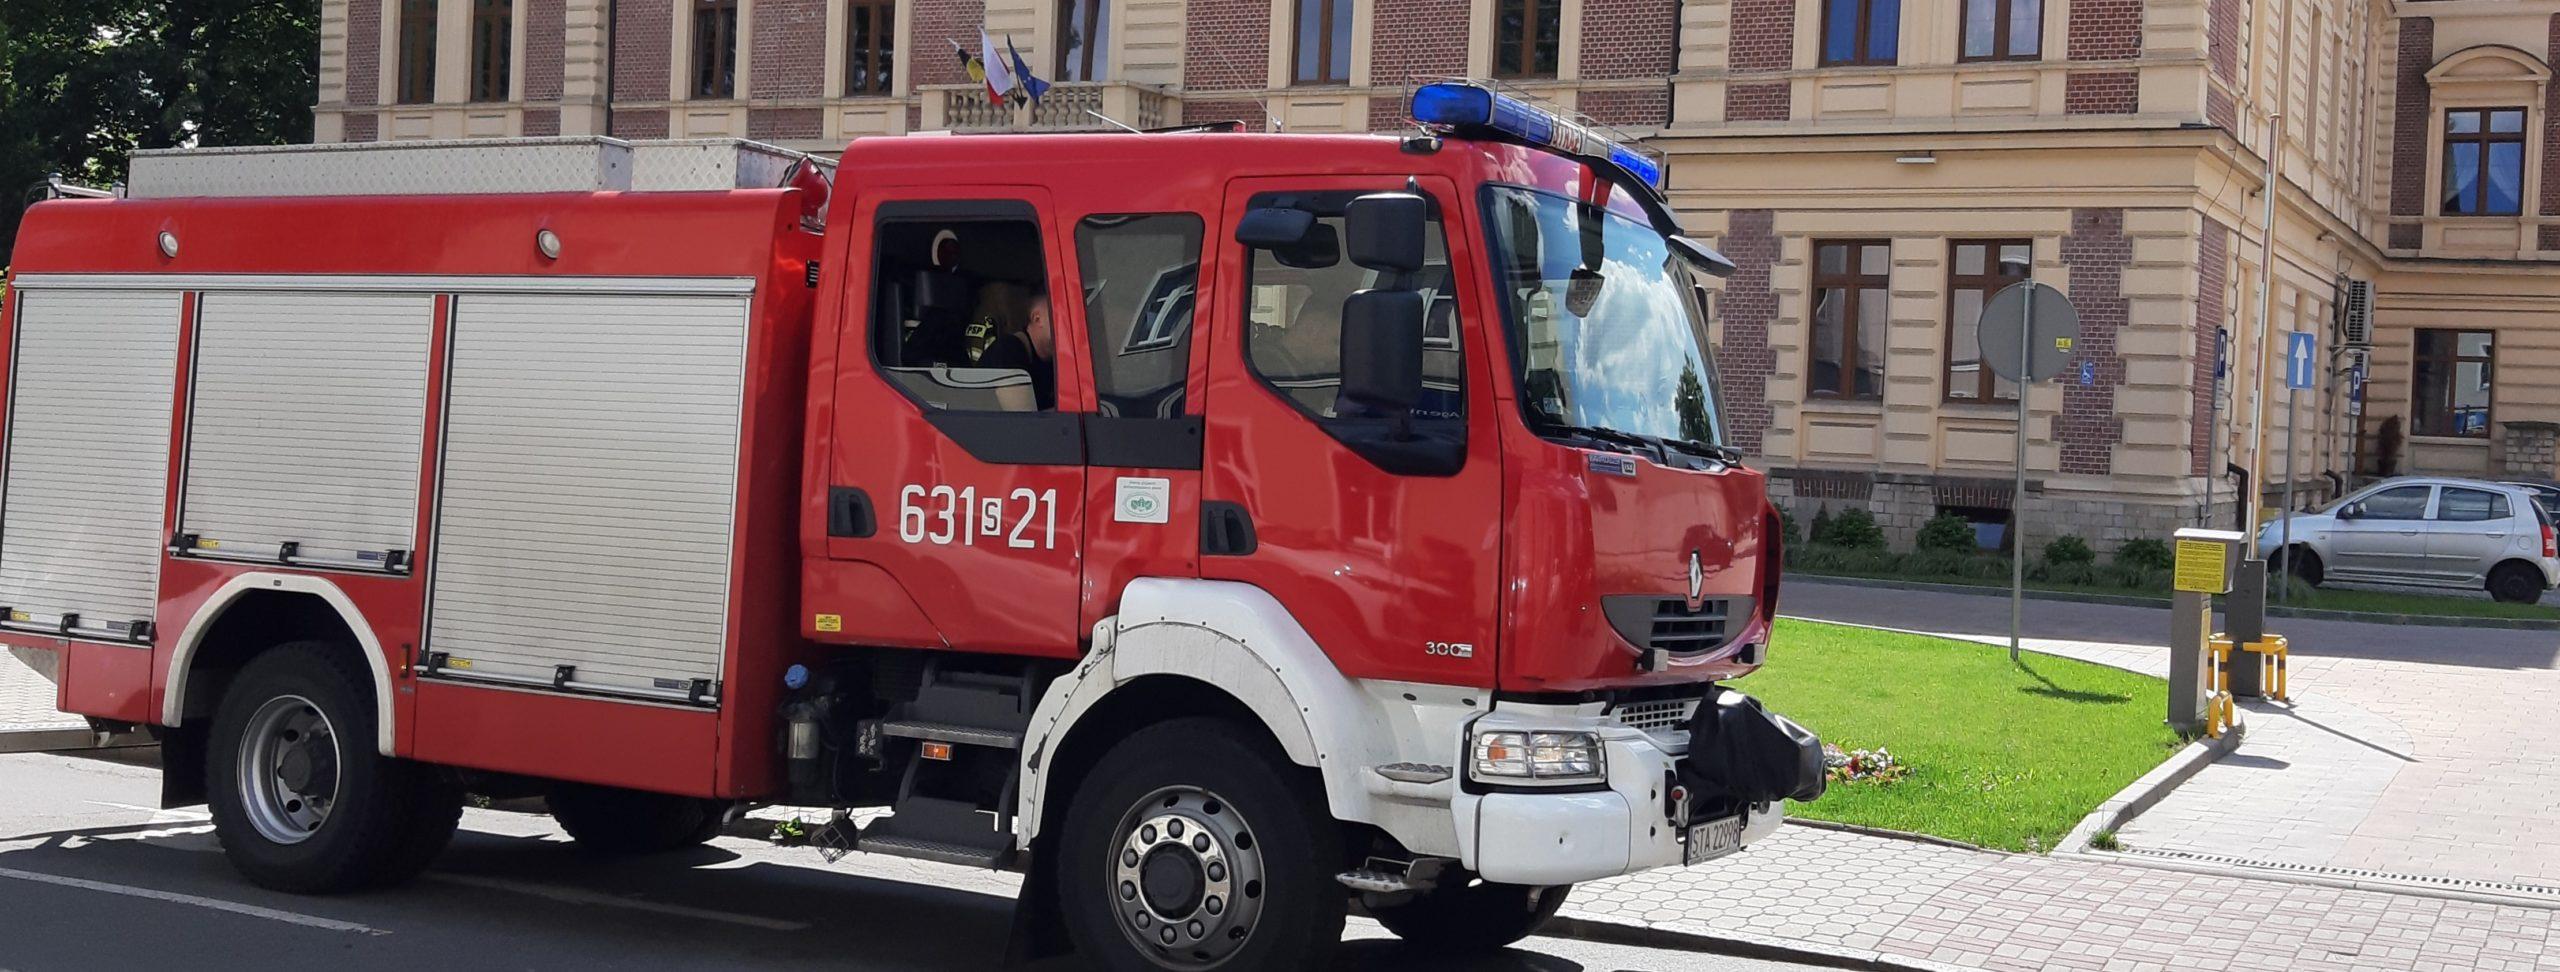 Alarm bombowy w urzędzie miasta